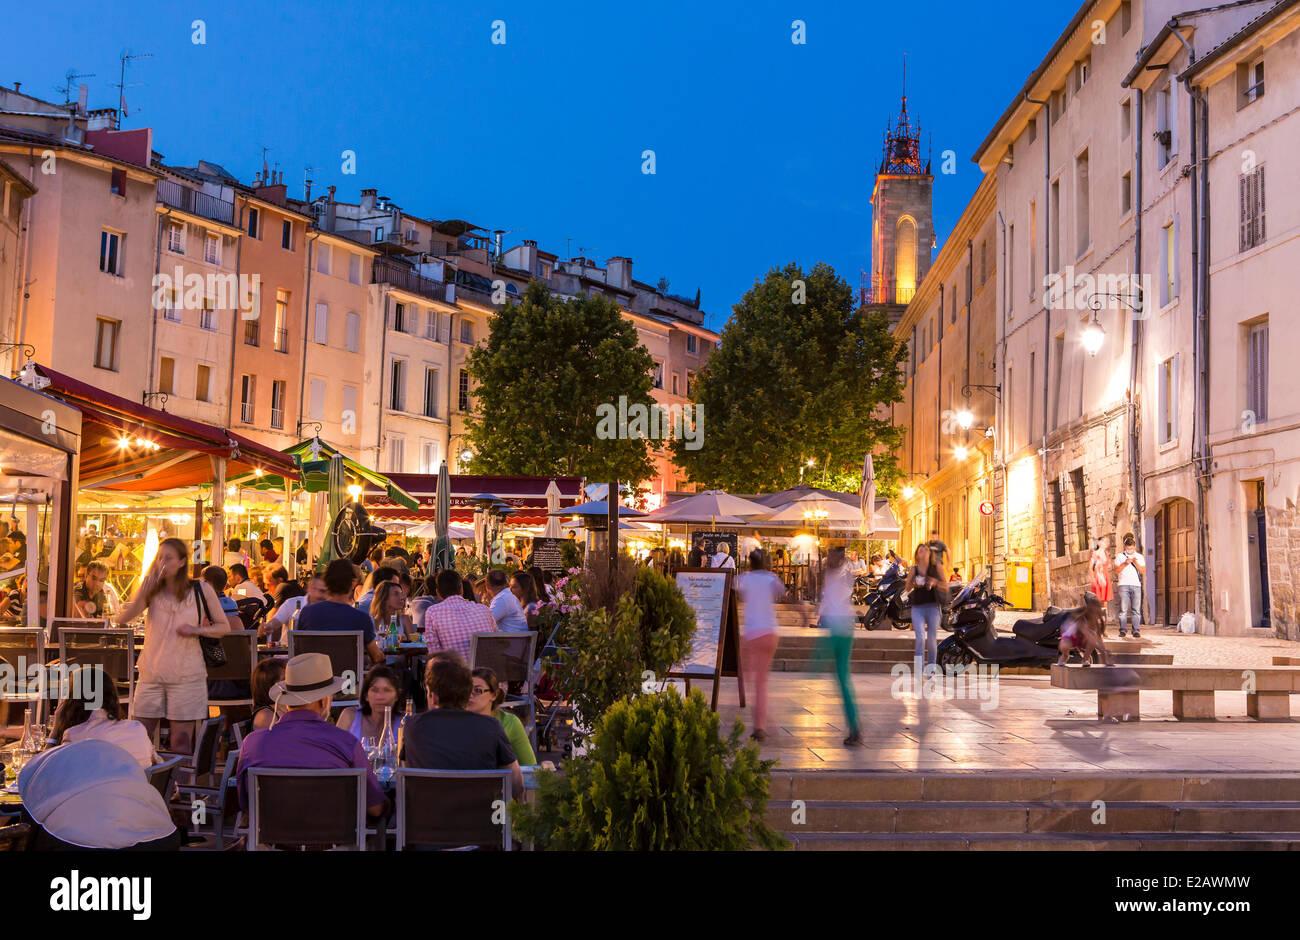 France bouches du rhone aix en provence place des for Chambre de commerce bouches du rhone